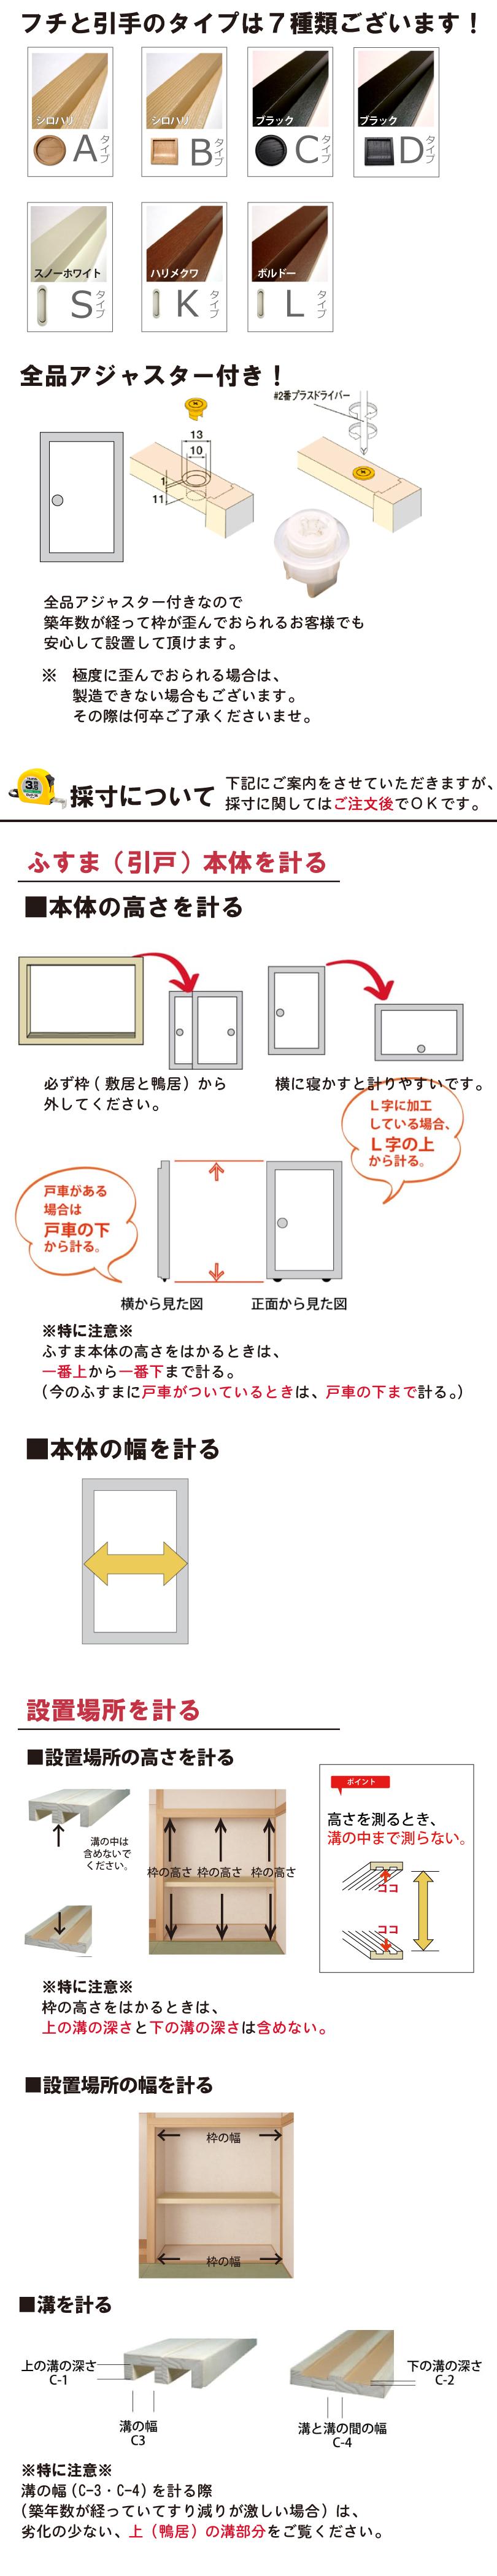 襖(ふすま)の縁(縁)と引手の組み合わせ一覧画像